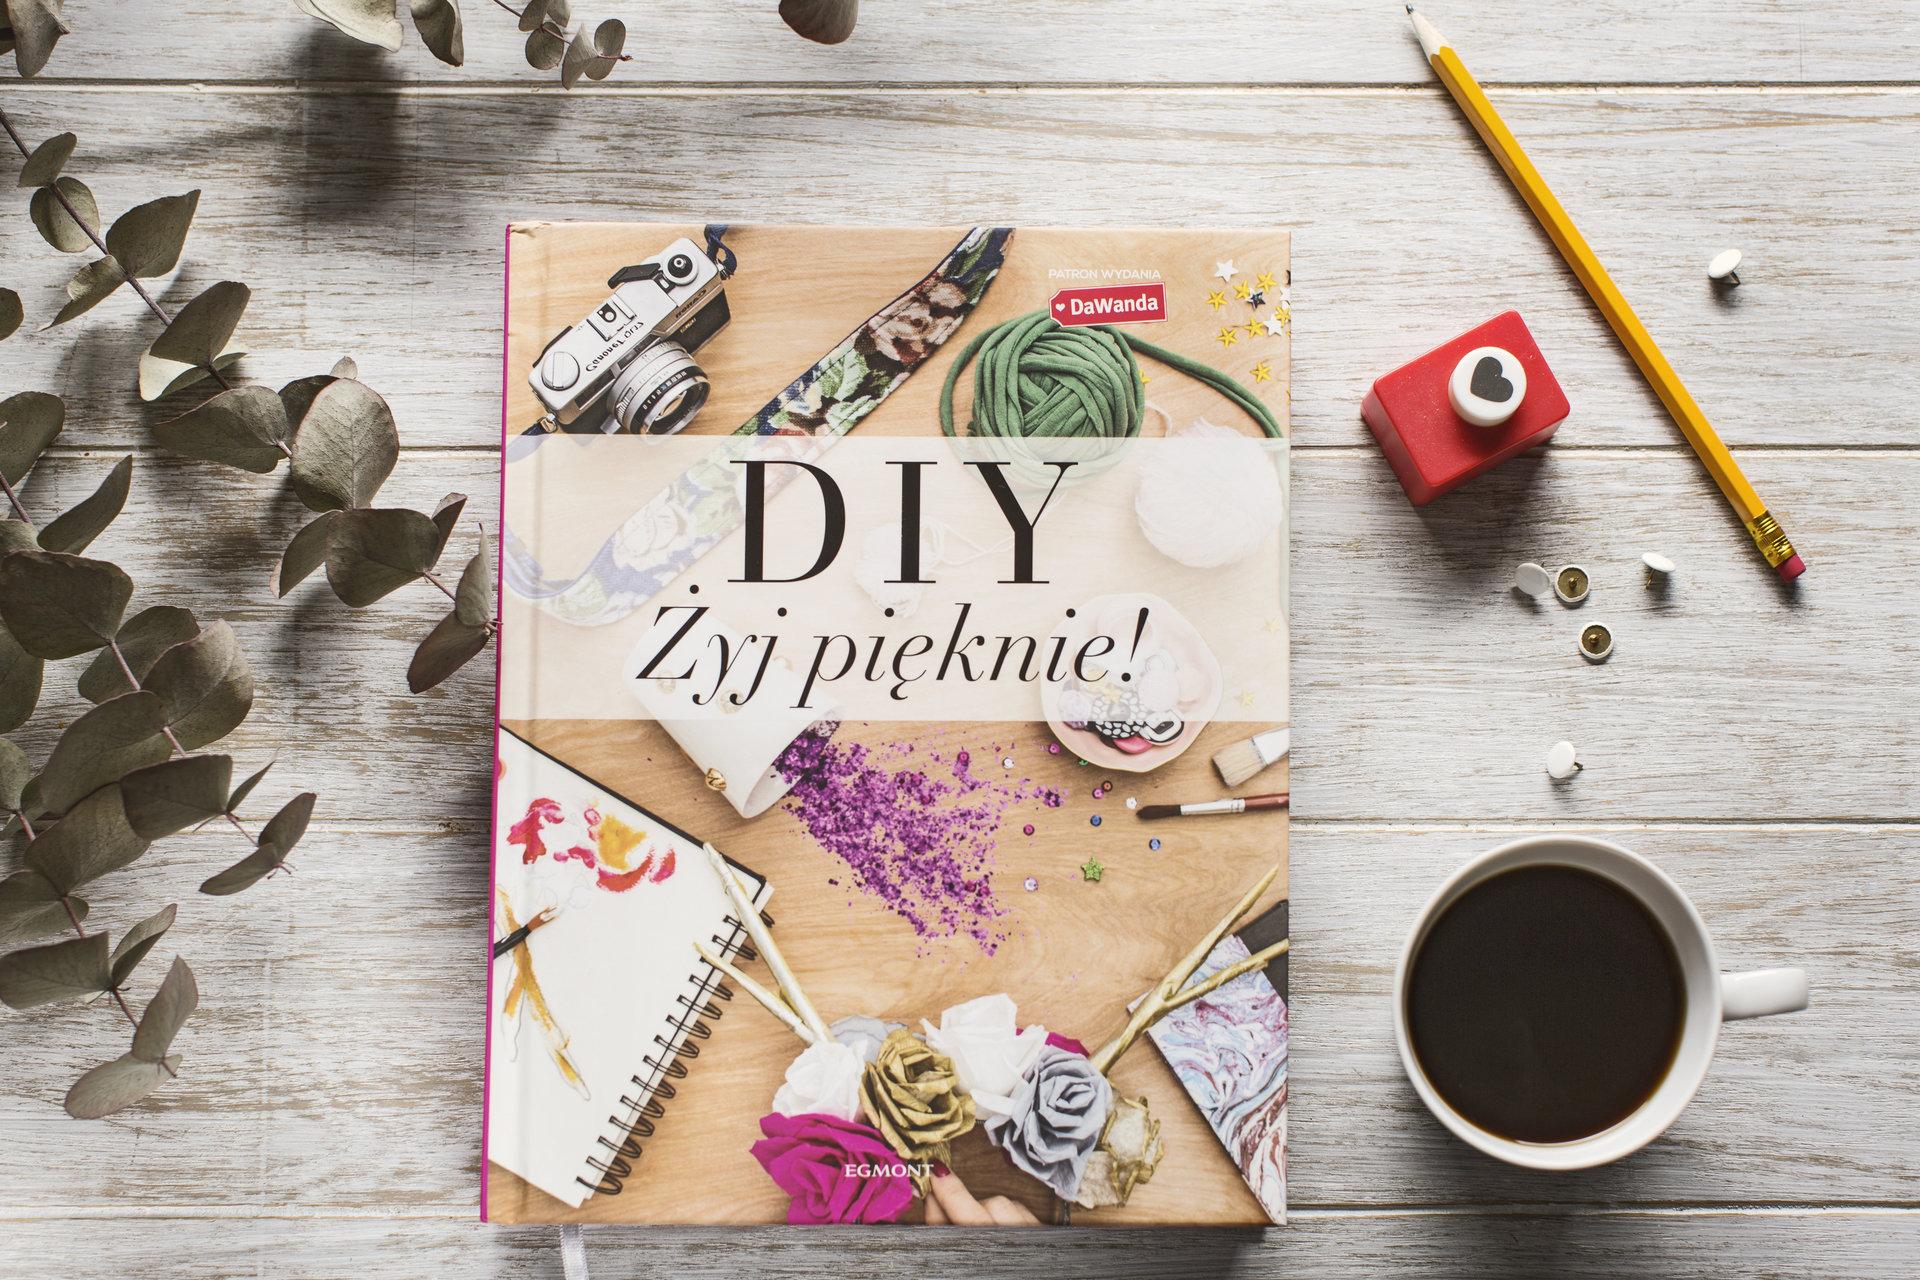 """""""DIY Żyj pięknie!"""" - książka od DaWandy i wydawnictwa Egmont"""